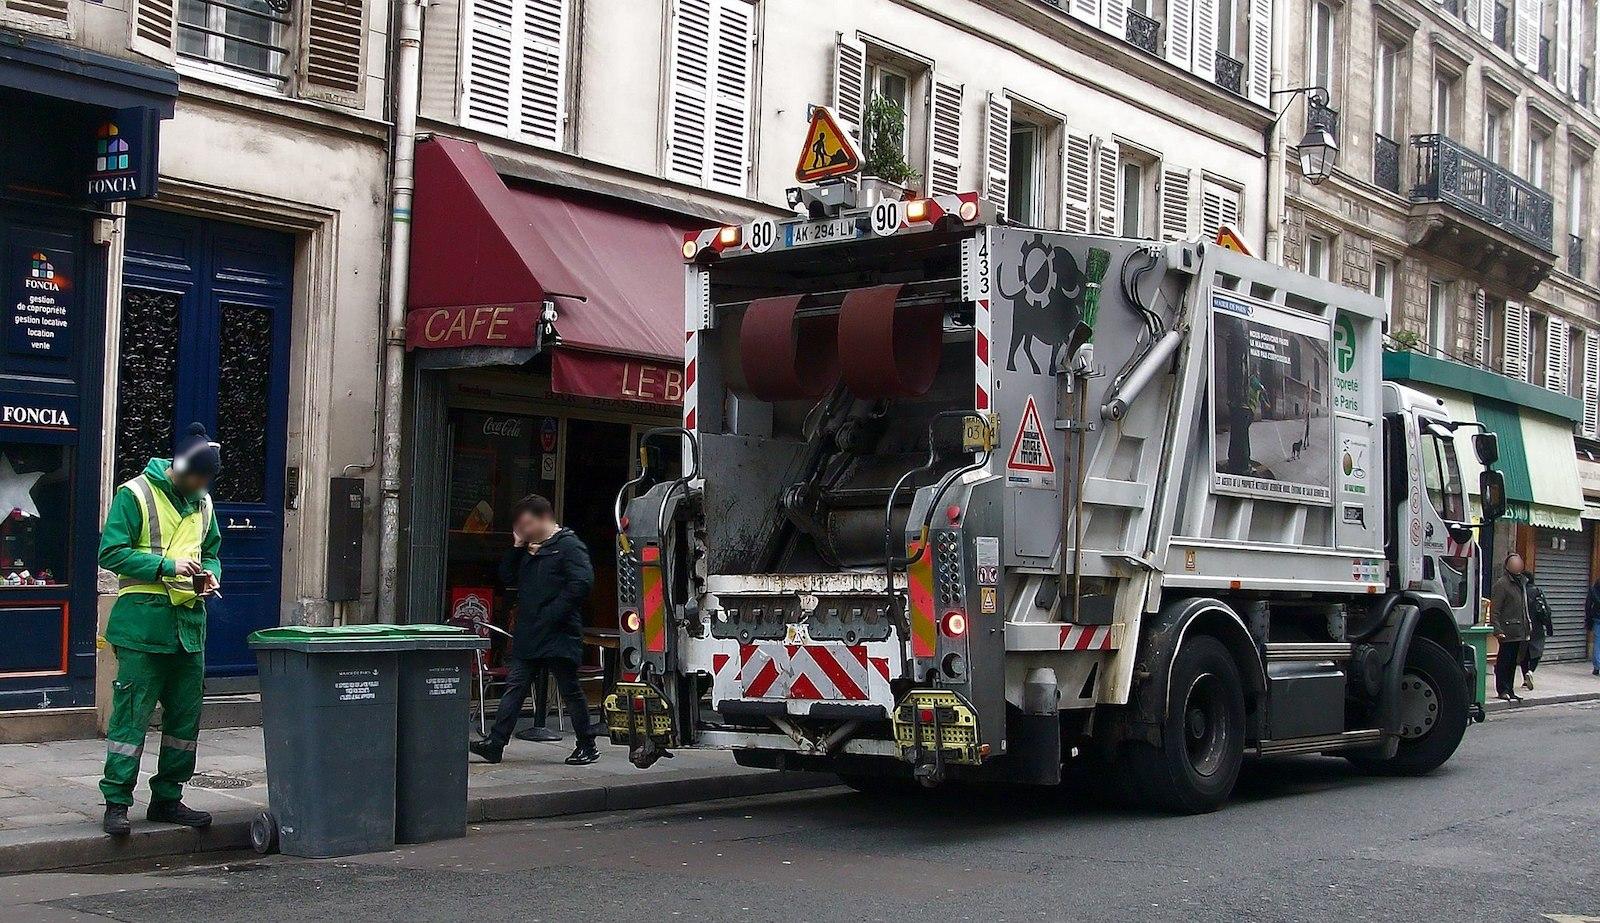 À la veille de la manif, la mairie de Paris vide les rues de poubelles, de Vélib et de barrières de chantiers